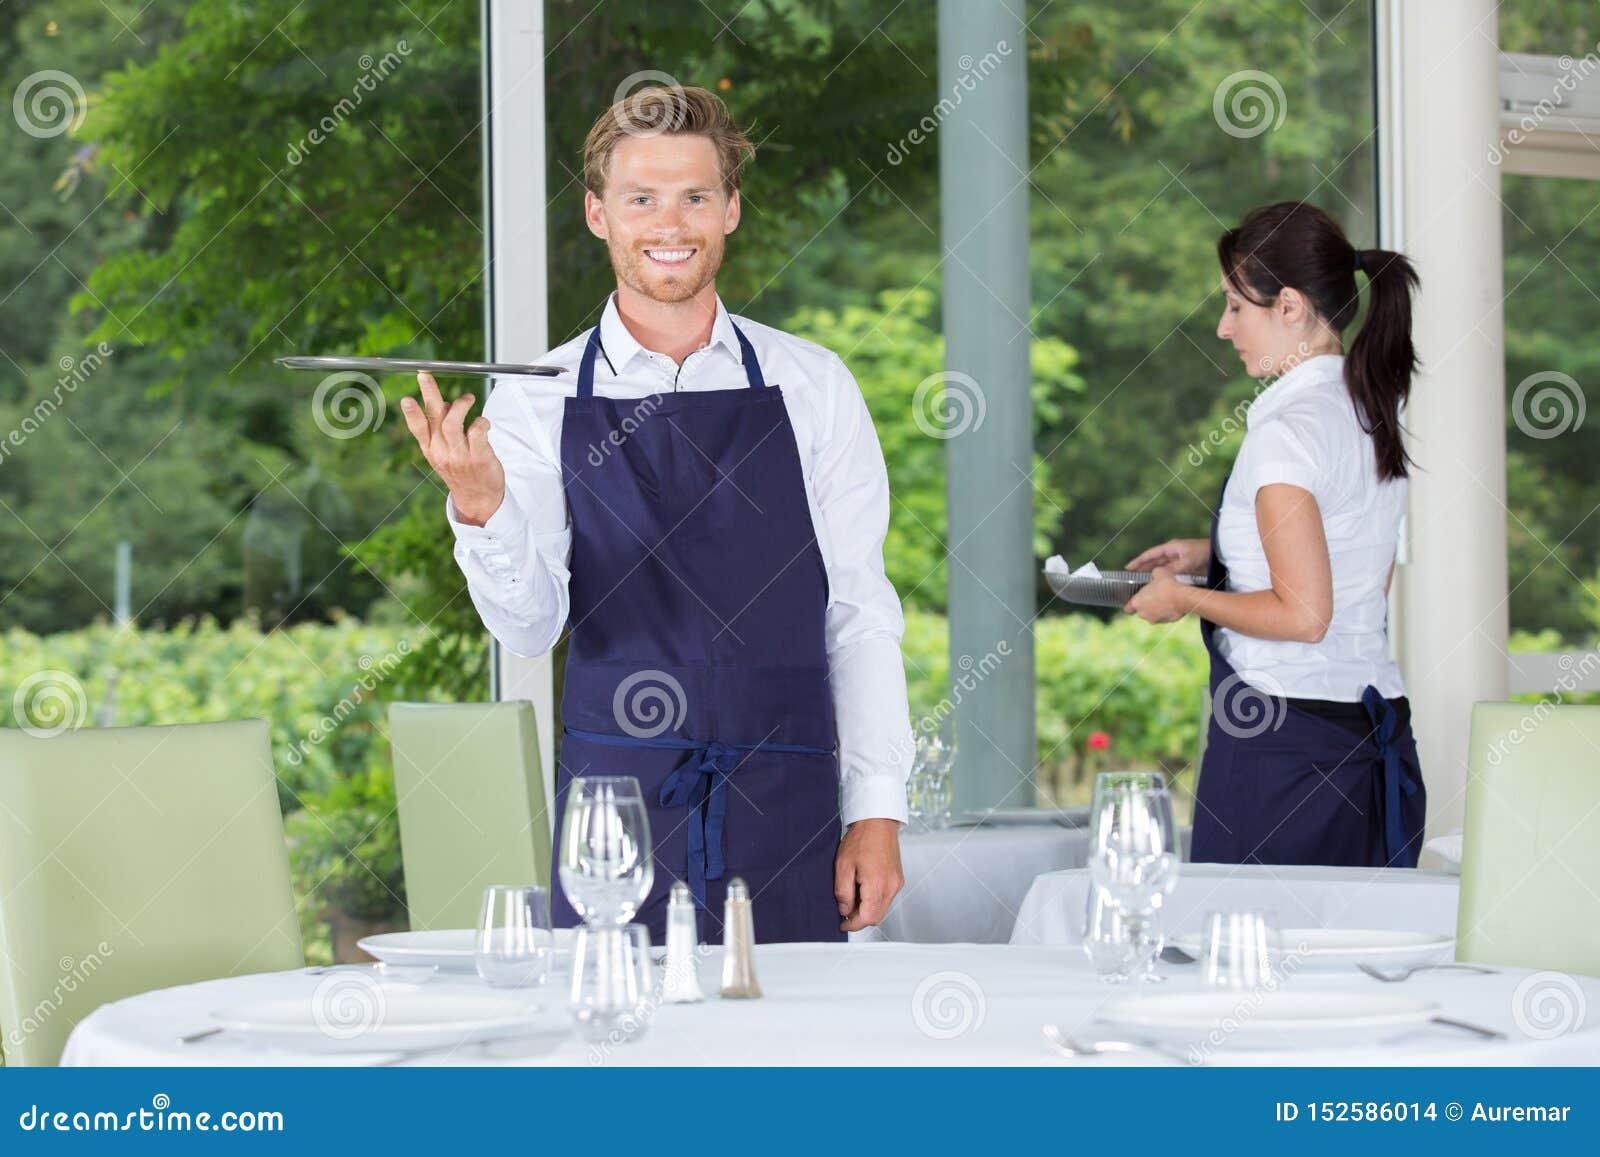 Serwery w restauracji